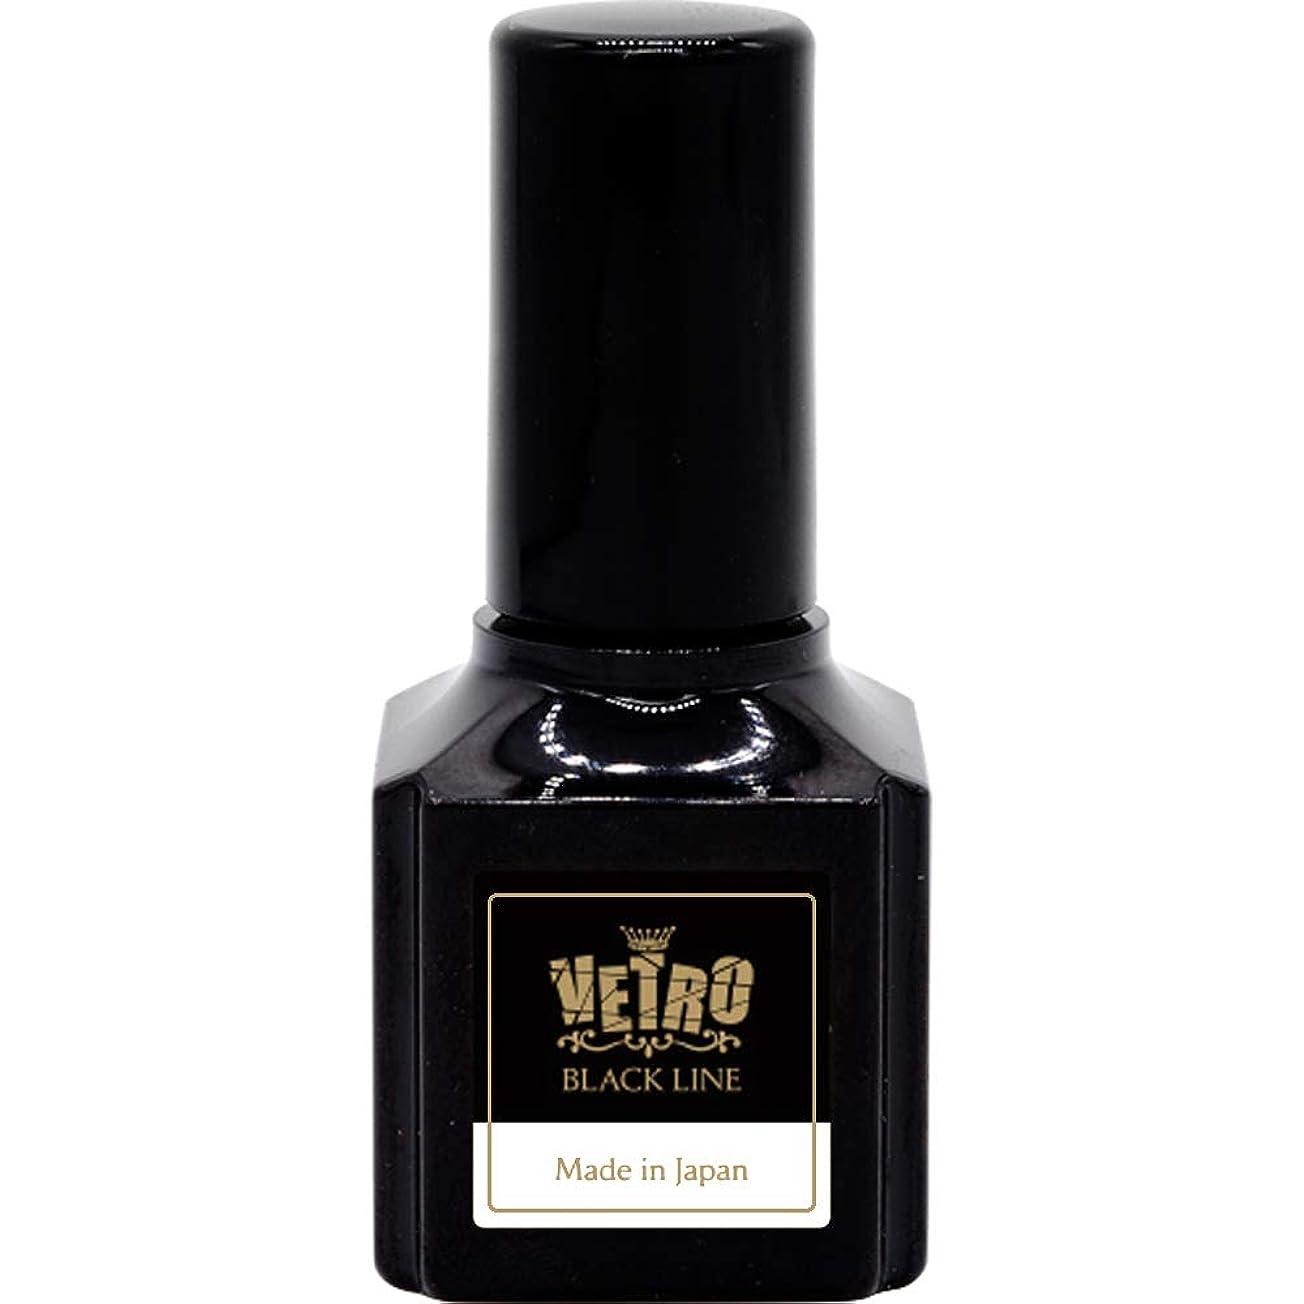 男らしい先見の明忌み嫌うVETRO GP BLACK LINE カラージェル B142 エナメルサンセット 16ml UV/LED対応 ソークオフジェル